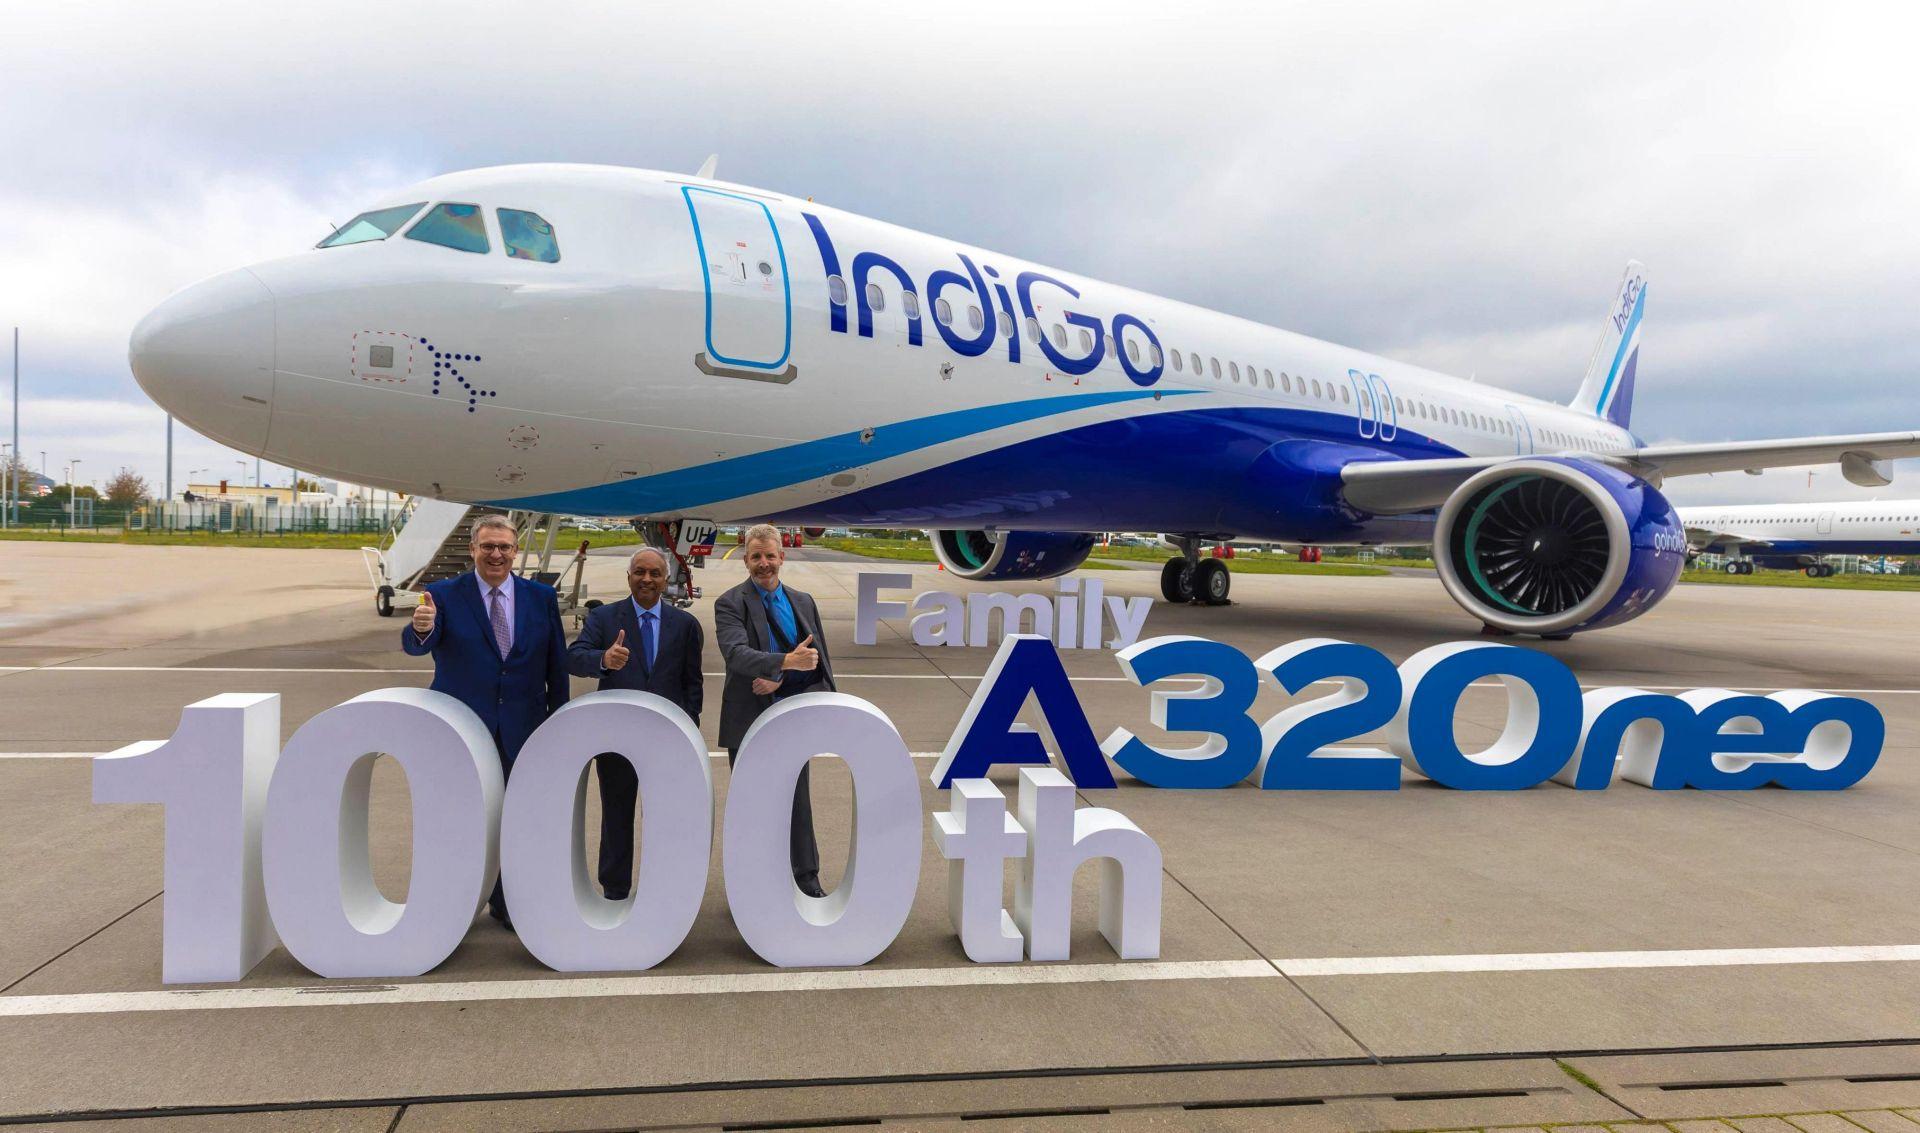 Předání tisícího A320neo. Foto: Airbus